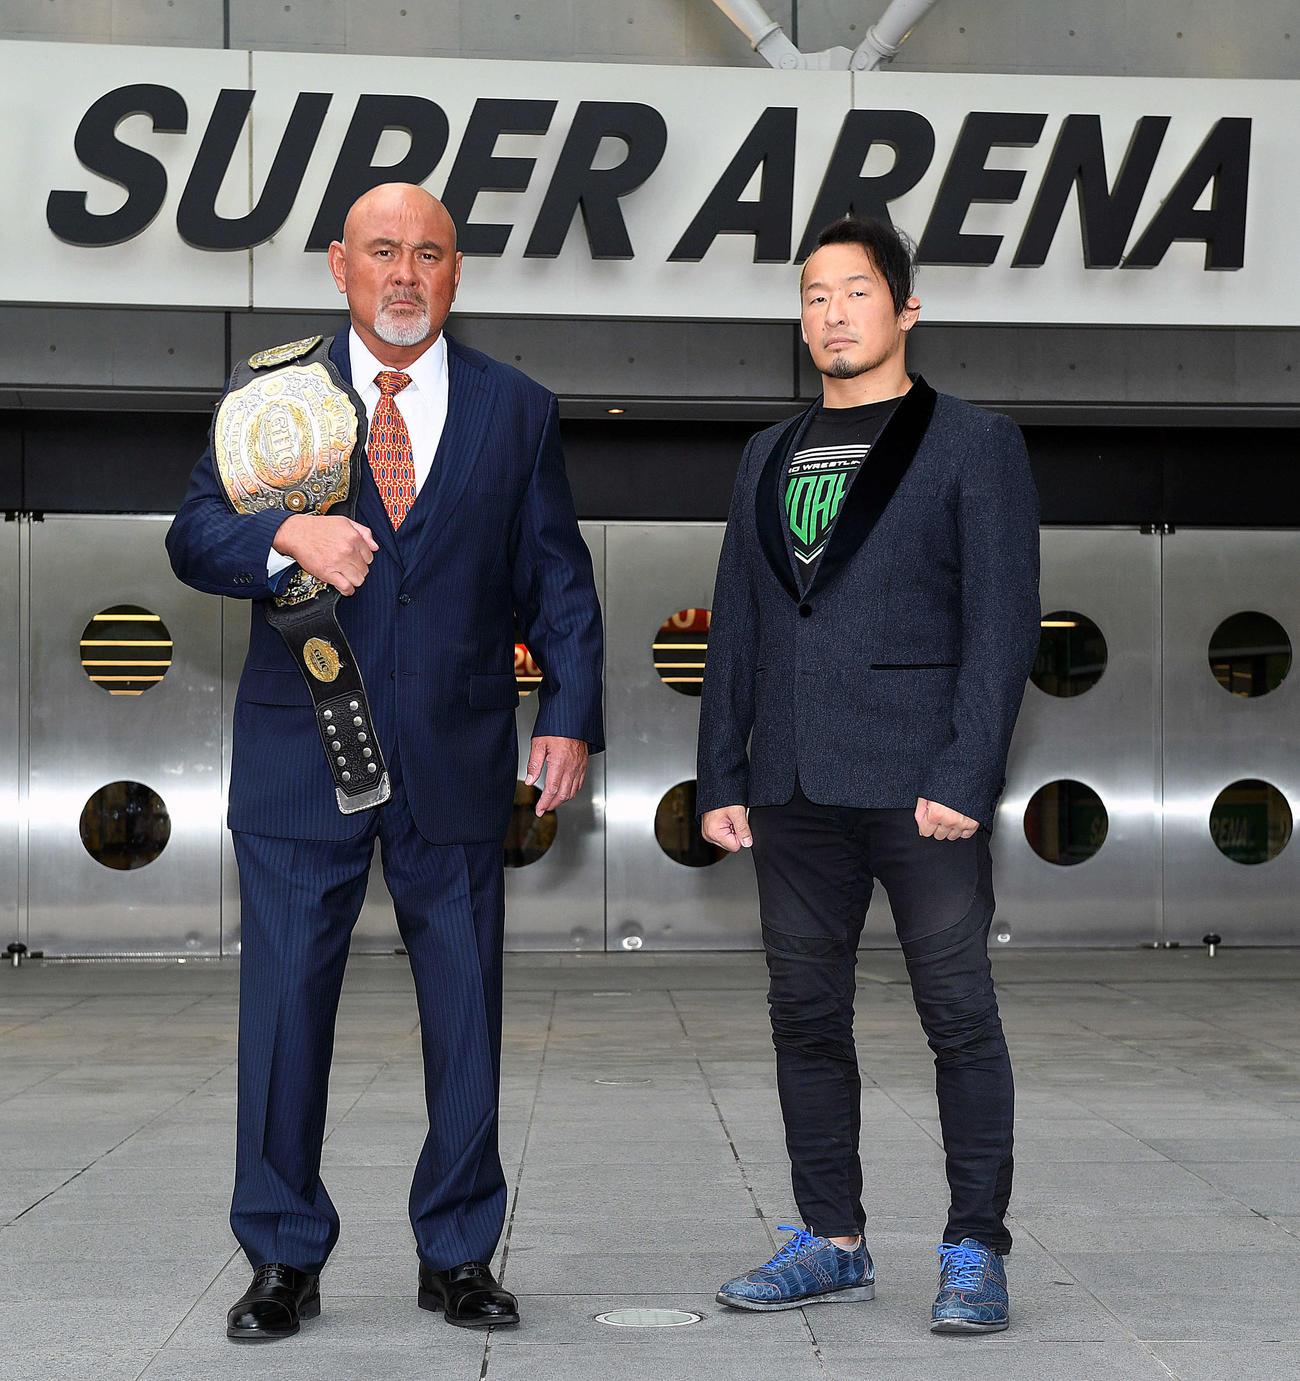 さいたまスーパーアリーナの前でポーズを決める、武藤敬司(左)と丸藤正道(撮影・滝沢徹郎)